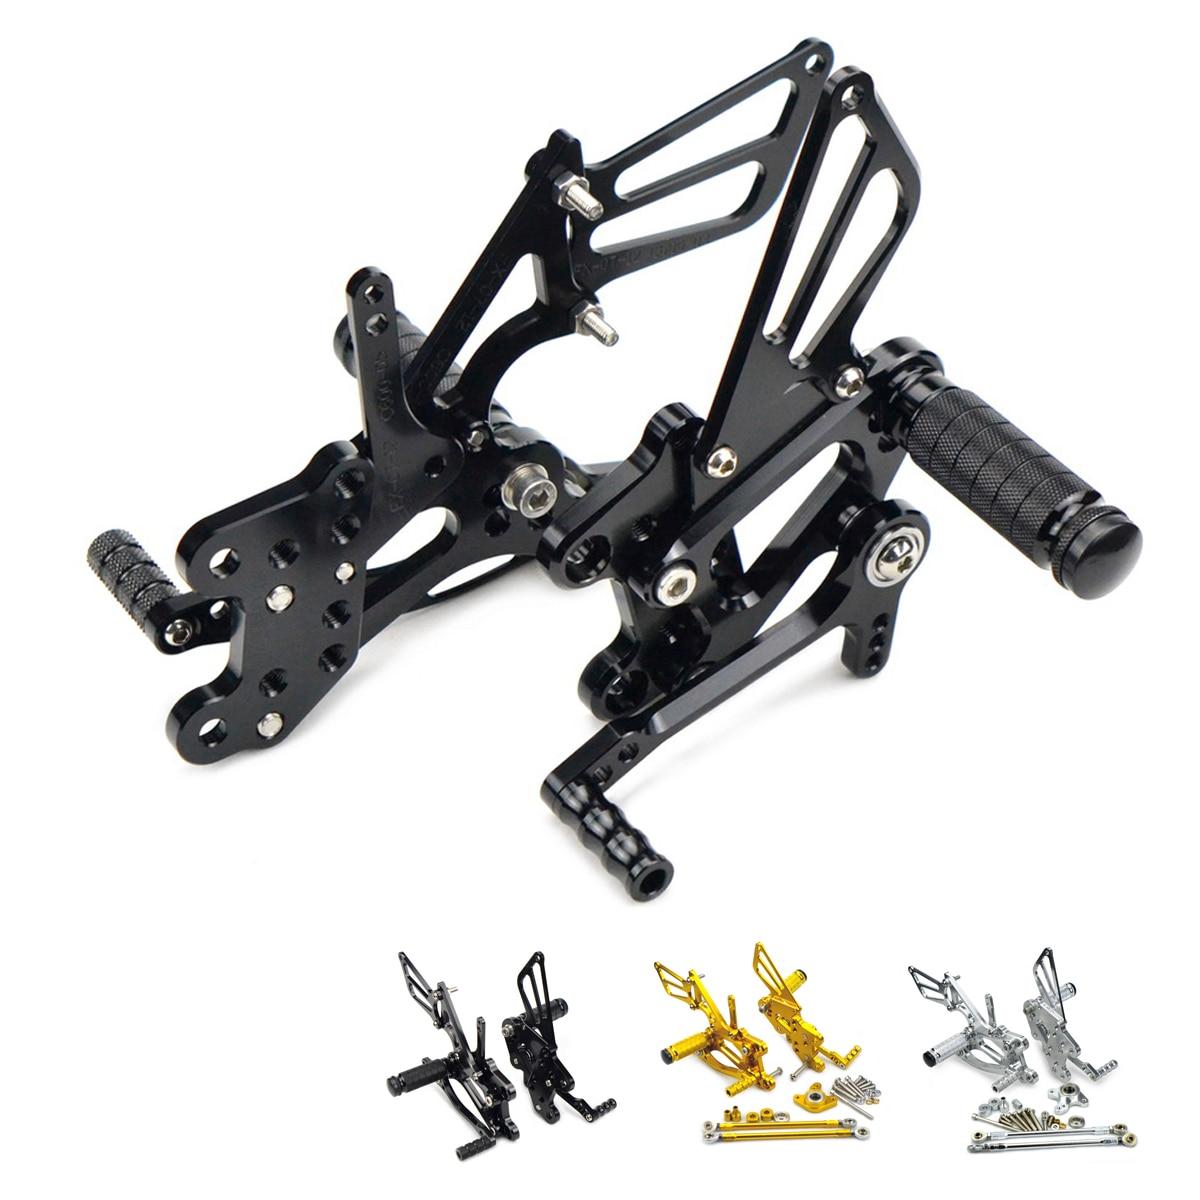 Adjustable Rearsets Footrest Foot Pegs Rear Set For Honda CBR600RR 2003 2006 CBR1000RR 2004 2007 CBR 600RR 1000RR 600 1000 RR